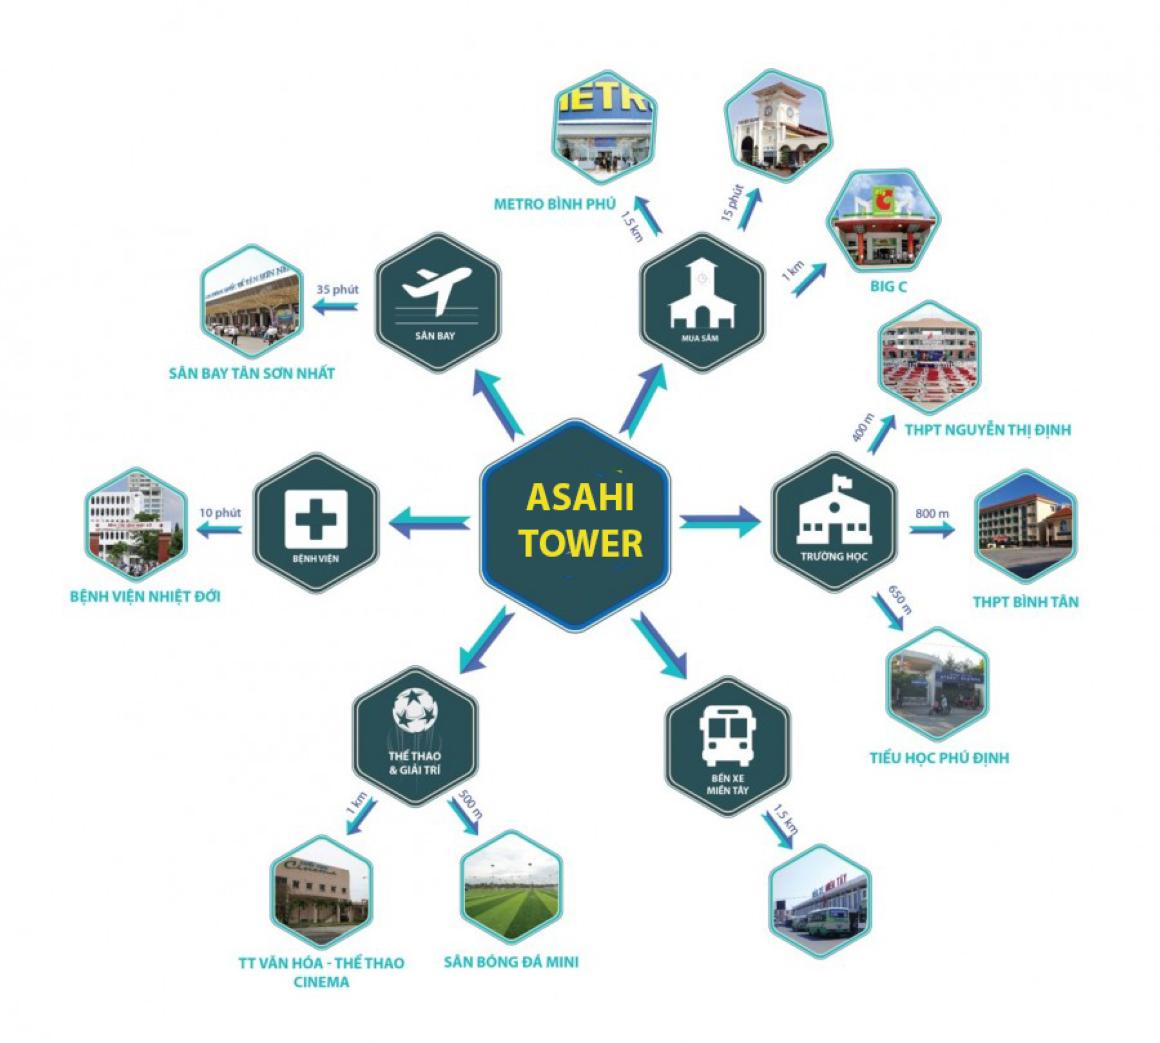 Tiện ích ngoại khu dự án Asahi Tower